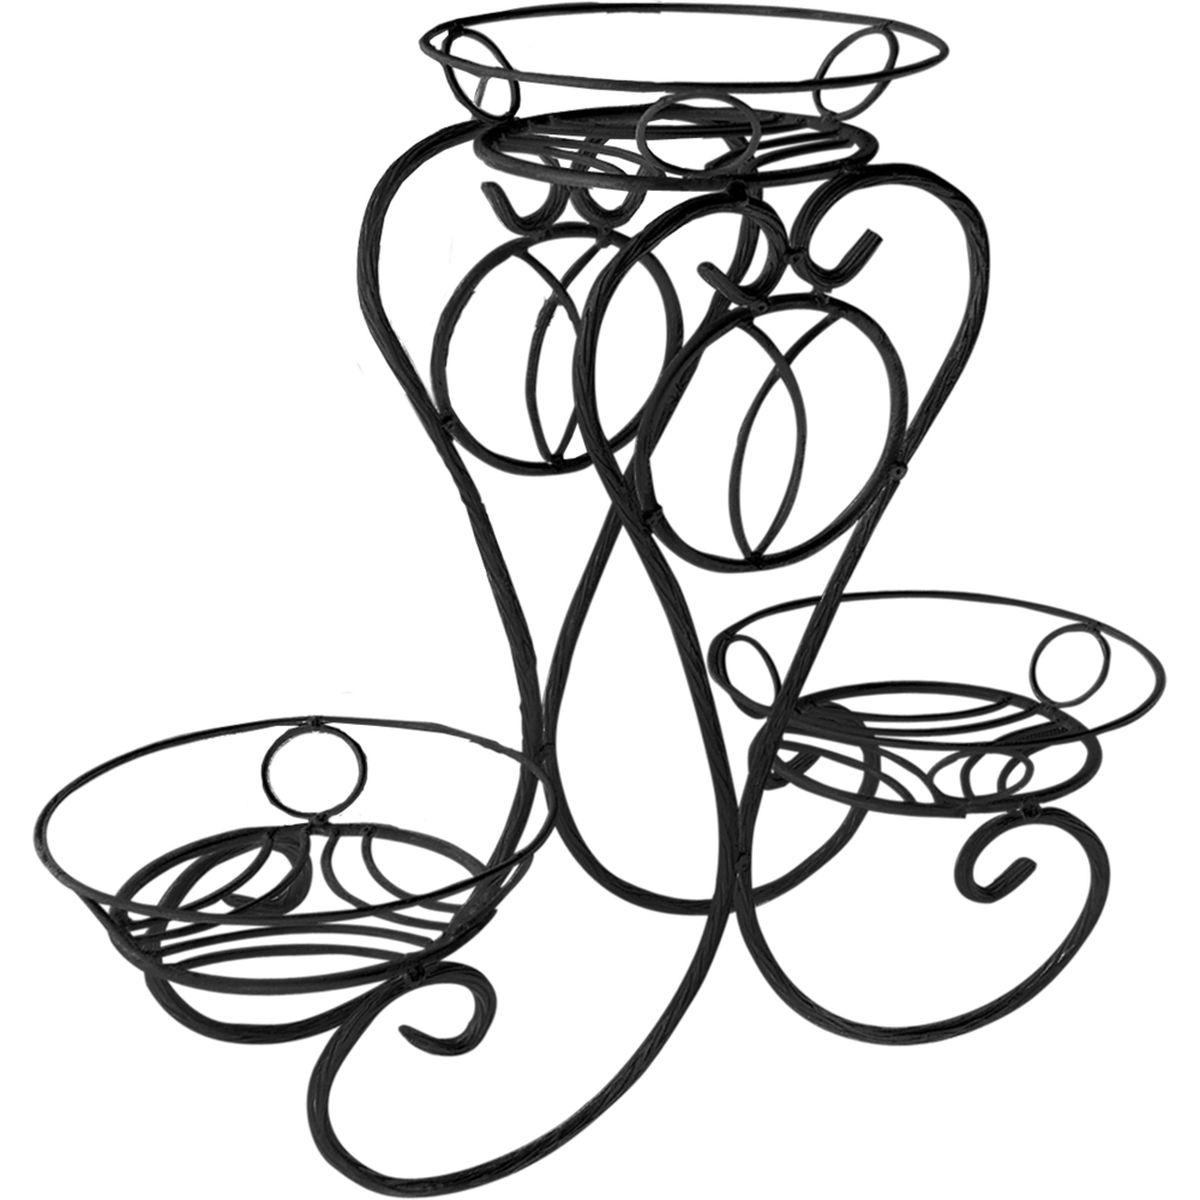 Подставка для цветов Фабрика ковки Лоза, на 3 цветка, цвет: черный. 14-043 B14-043 BПодставка предназначена для размещения трех цветочных кашпо, одно размещается на верхнем уровне, два на нижнем. Подставка выполнена из резного металла, окрашена в черный цвет. Ножки выполнены в виде завитков, на которых расположены подставки, декорированные кольцами. Симметричность подставки не только обеспечивает высокую надежность установки цветков, но и придает ей строгий и презентабельный вид.